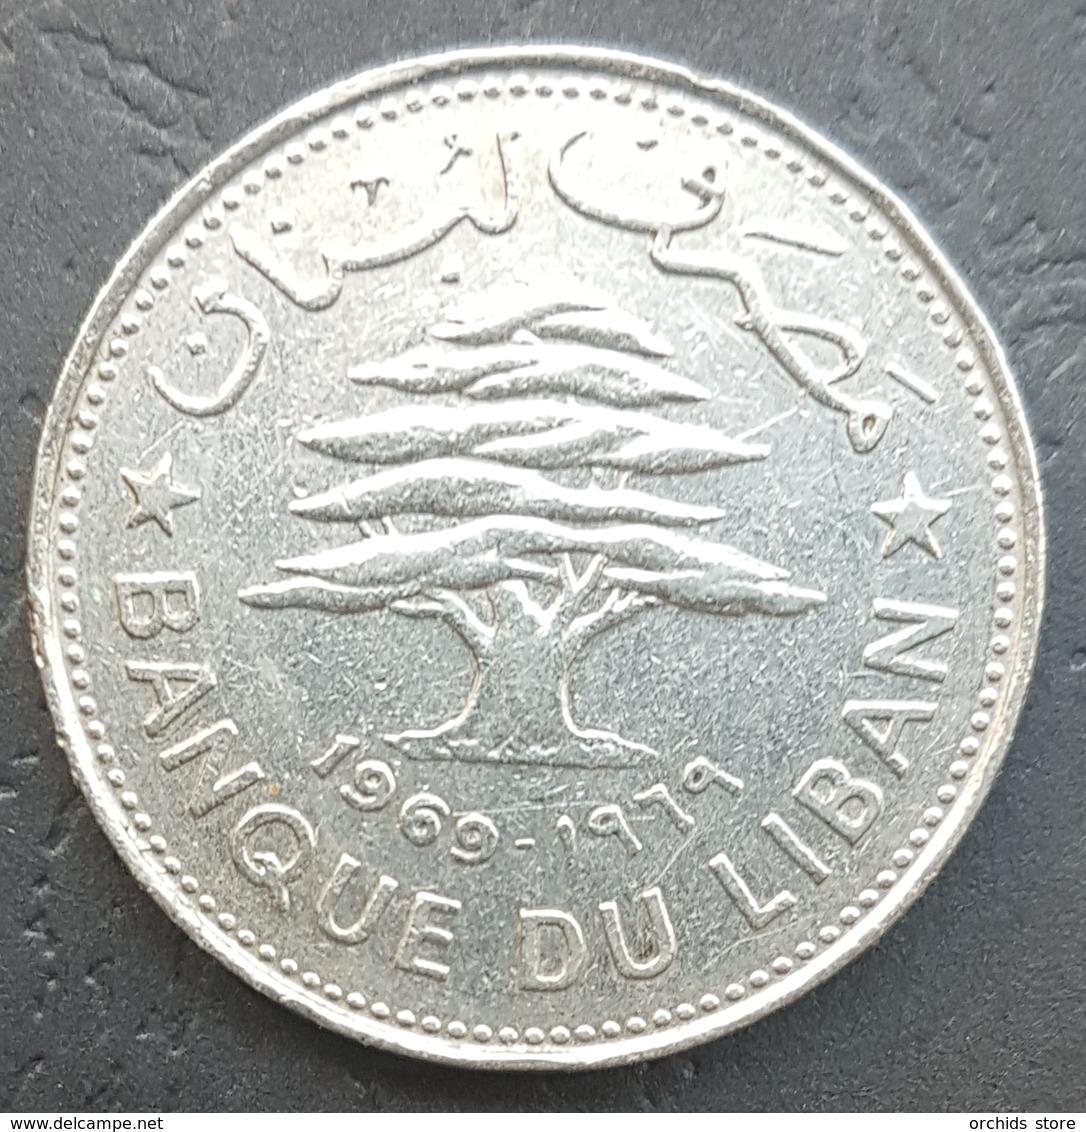 HX - Lebanon 1969 50 Piastres Coin - Liban